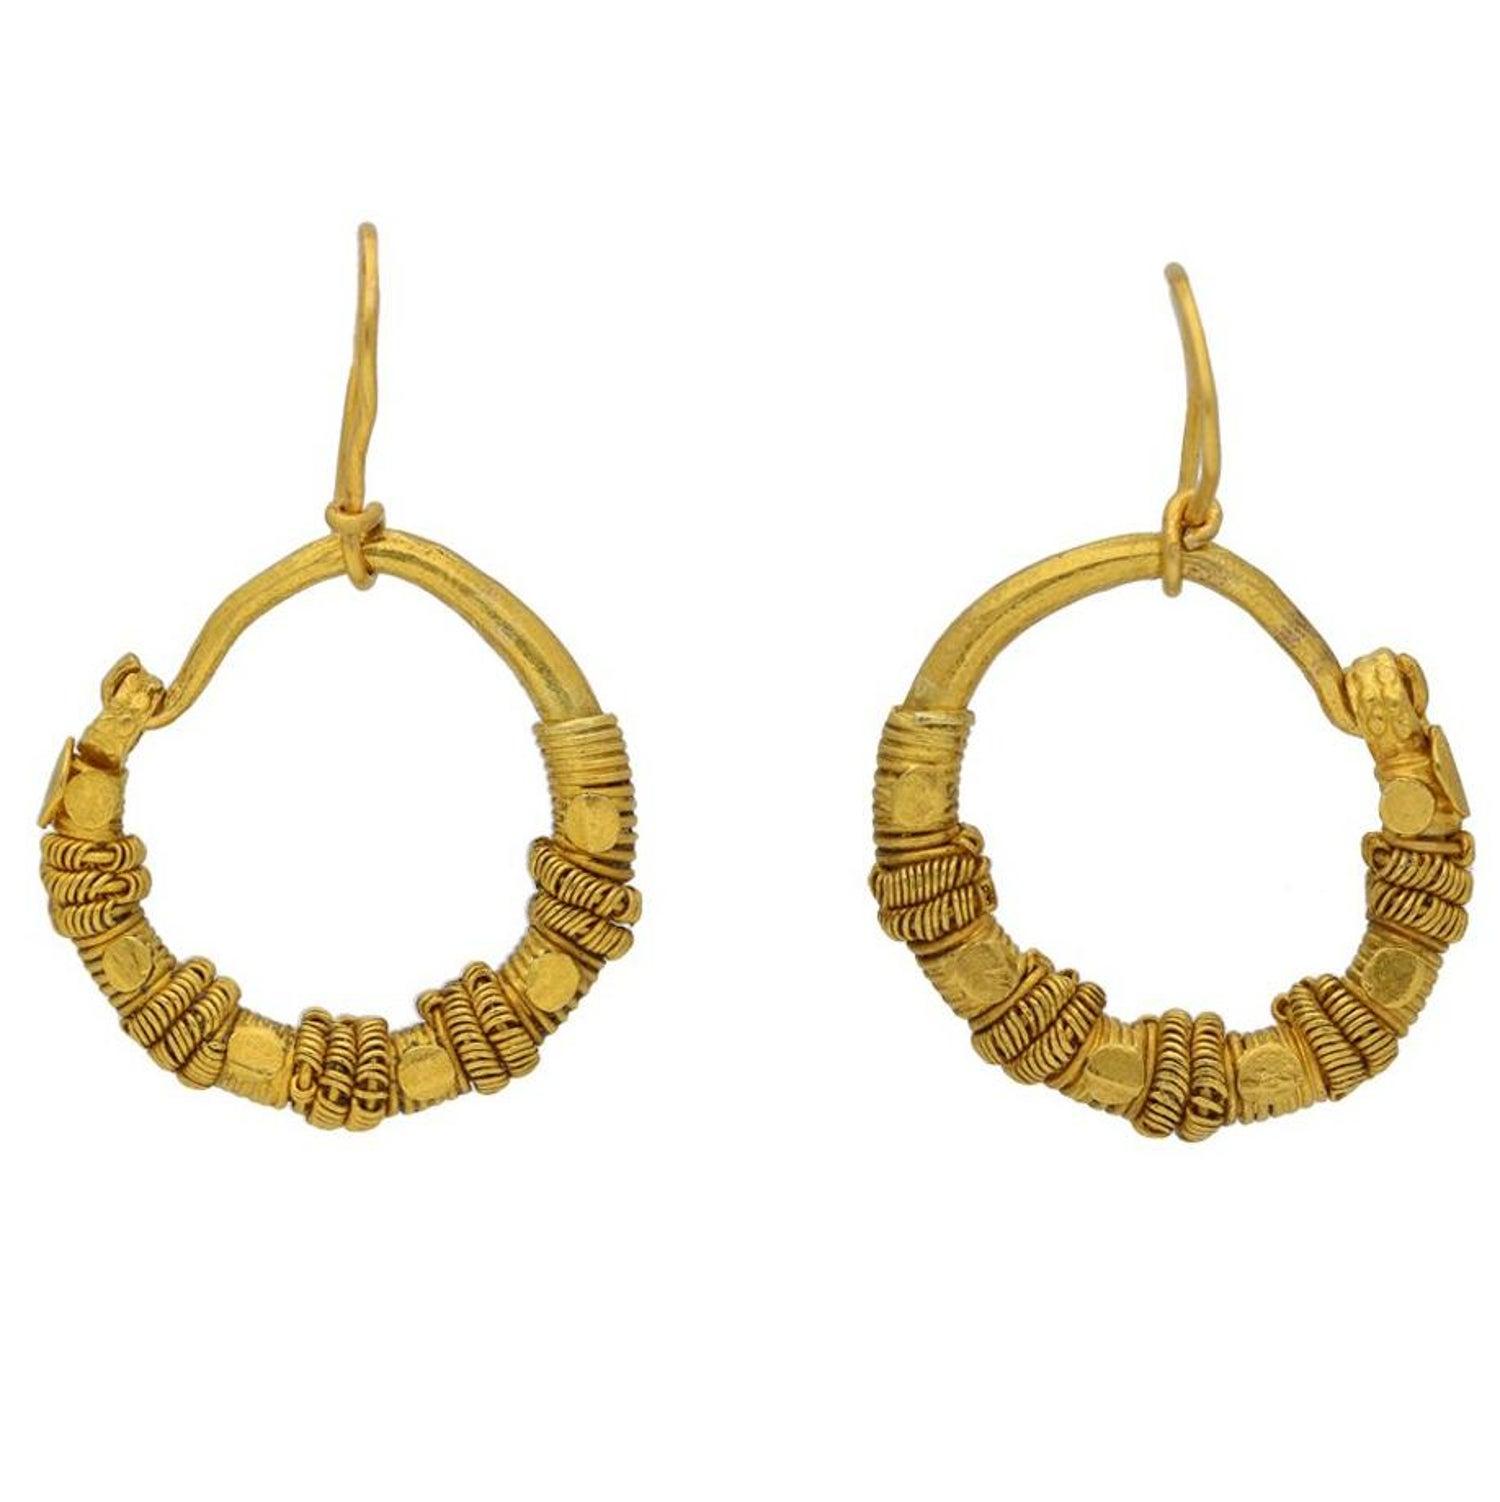 tribal earrings Byzantine Earrings silver studs Ancient greece gold Earrings Vintage Earrings Statement Earrings Dainty daily earrings